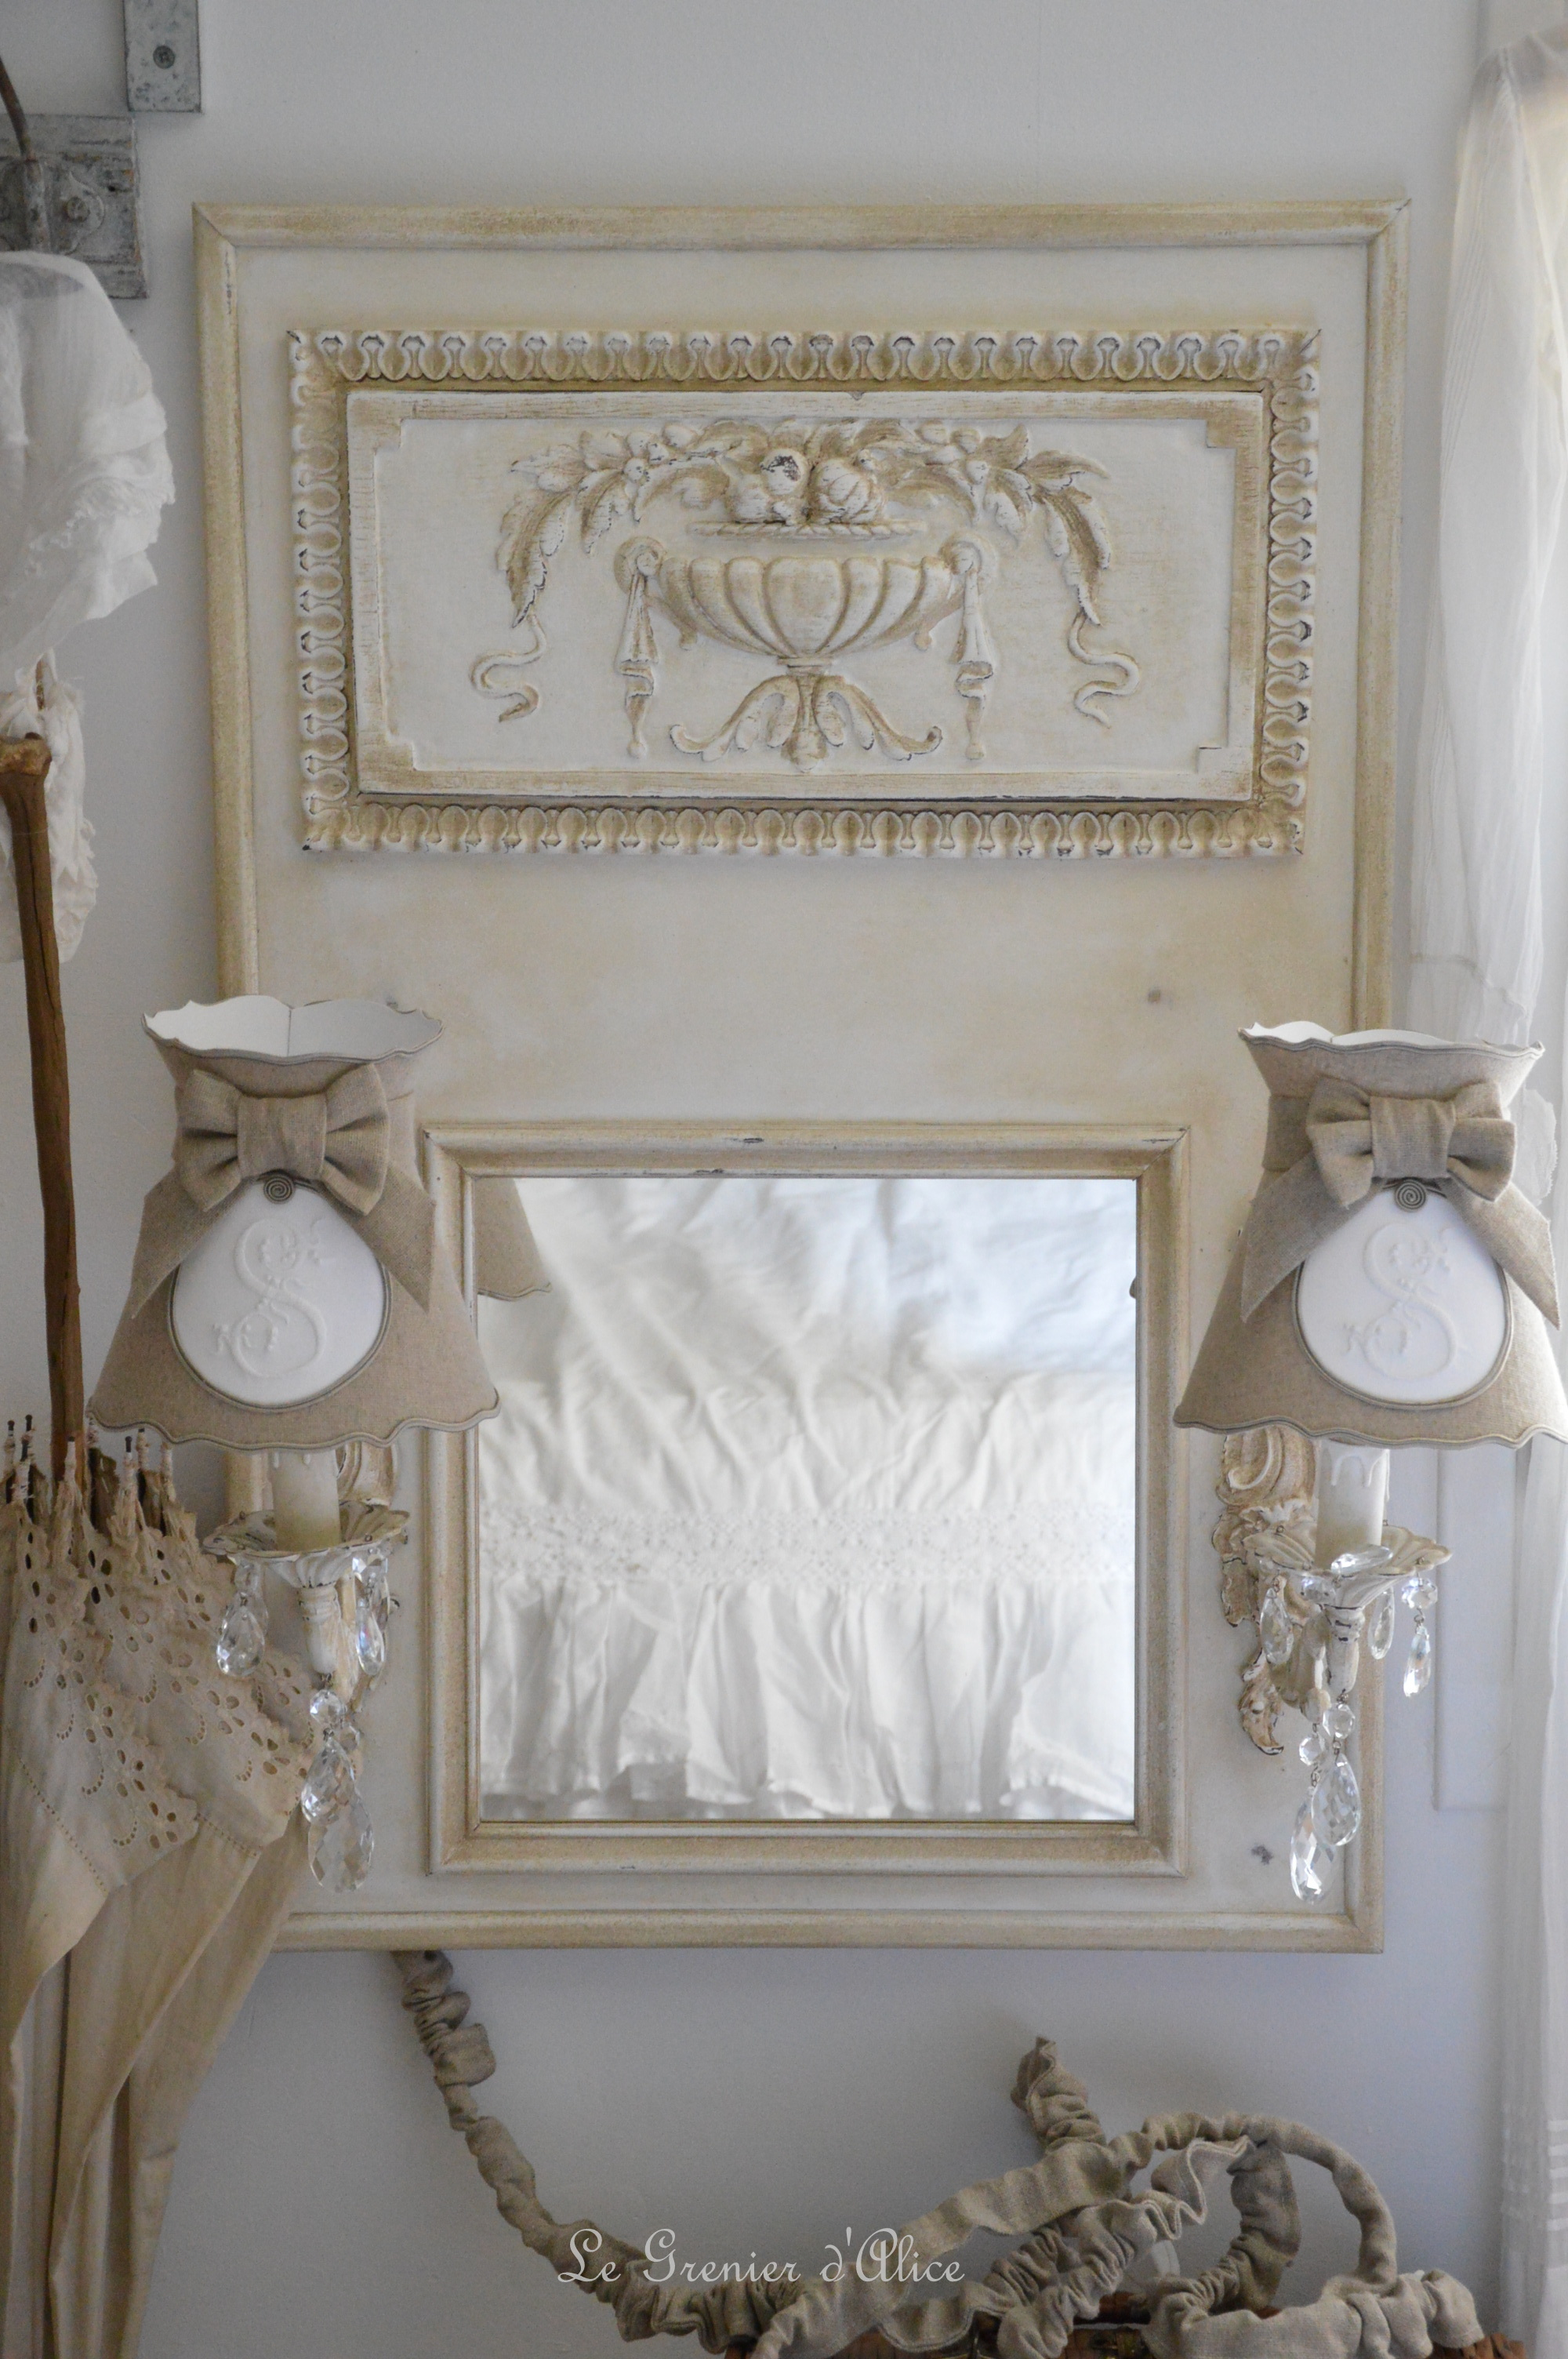 Le grenier d 39 alice shabby chic et romantique french decor for Miroir trumeau